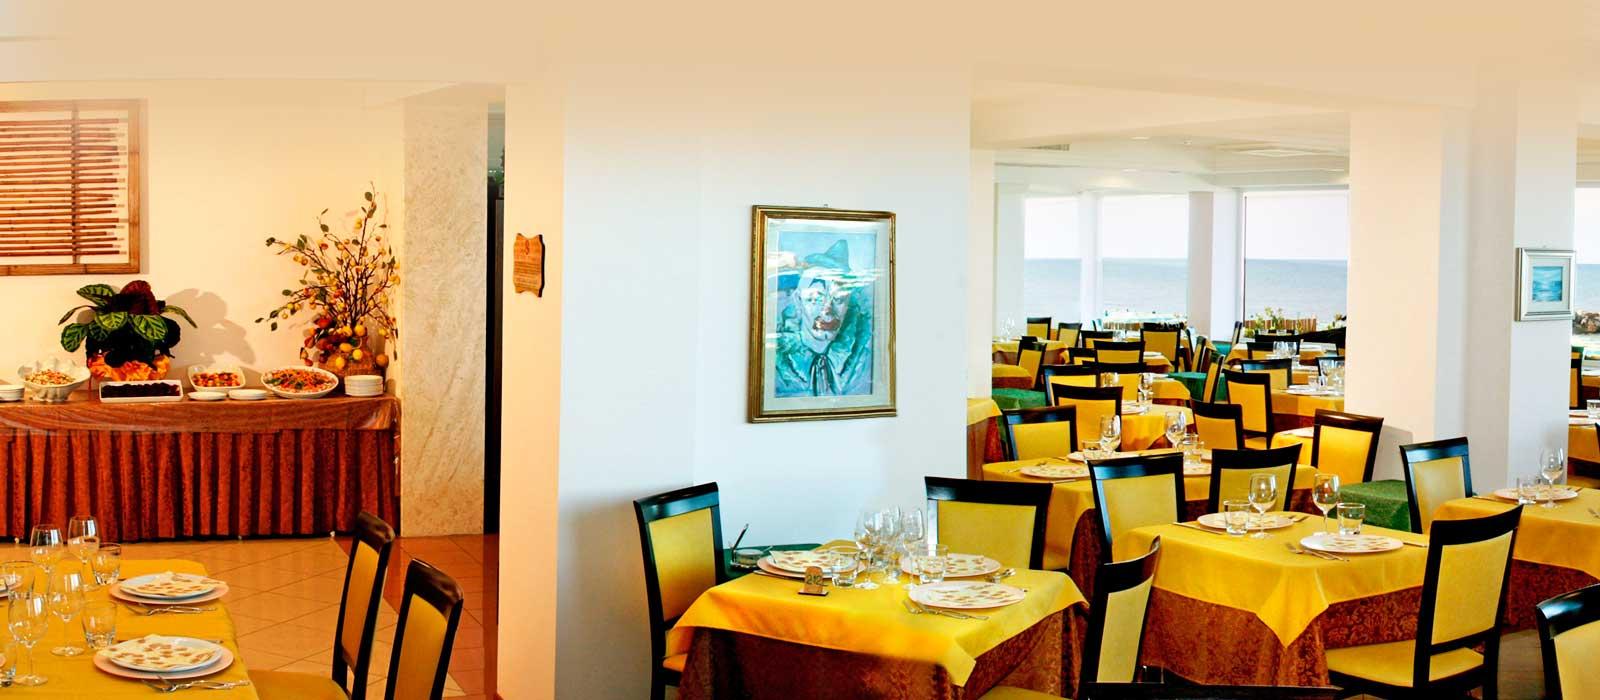 Hotel Daniel S Ristorante Sul Mare Misano Adriatico